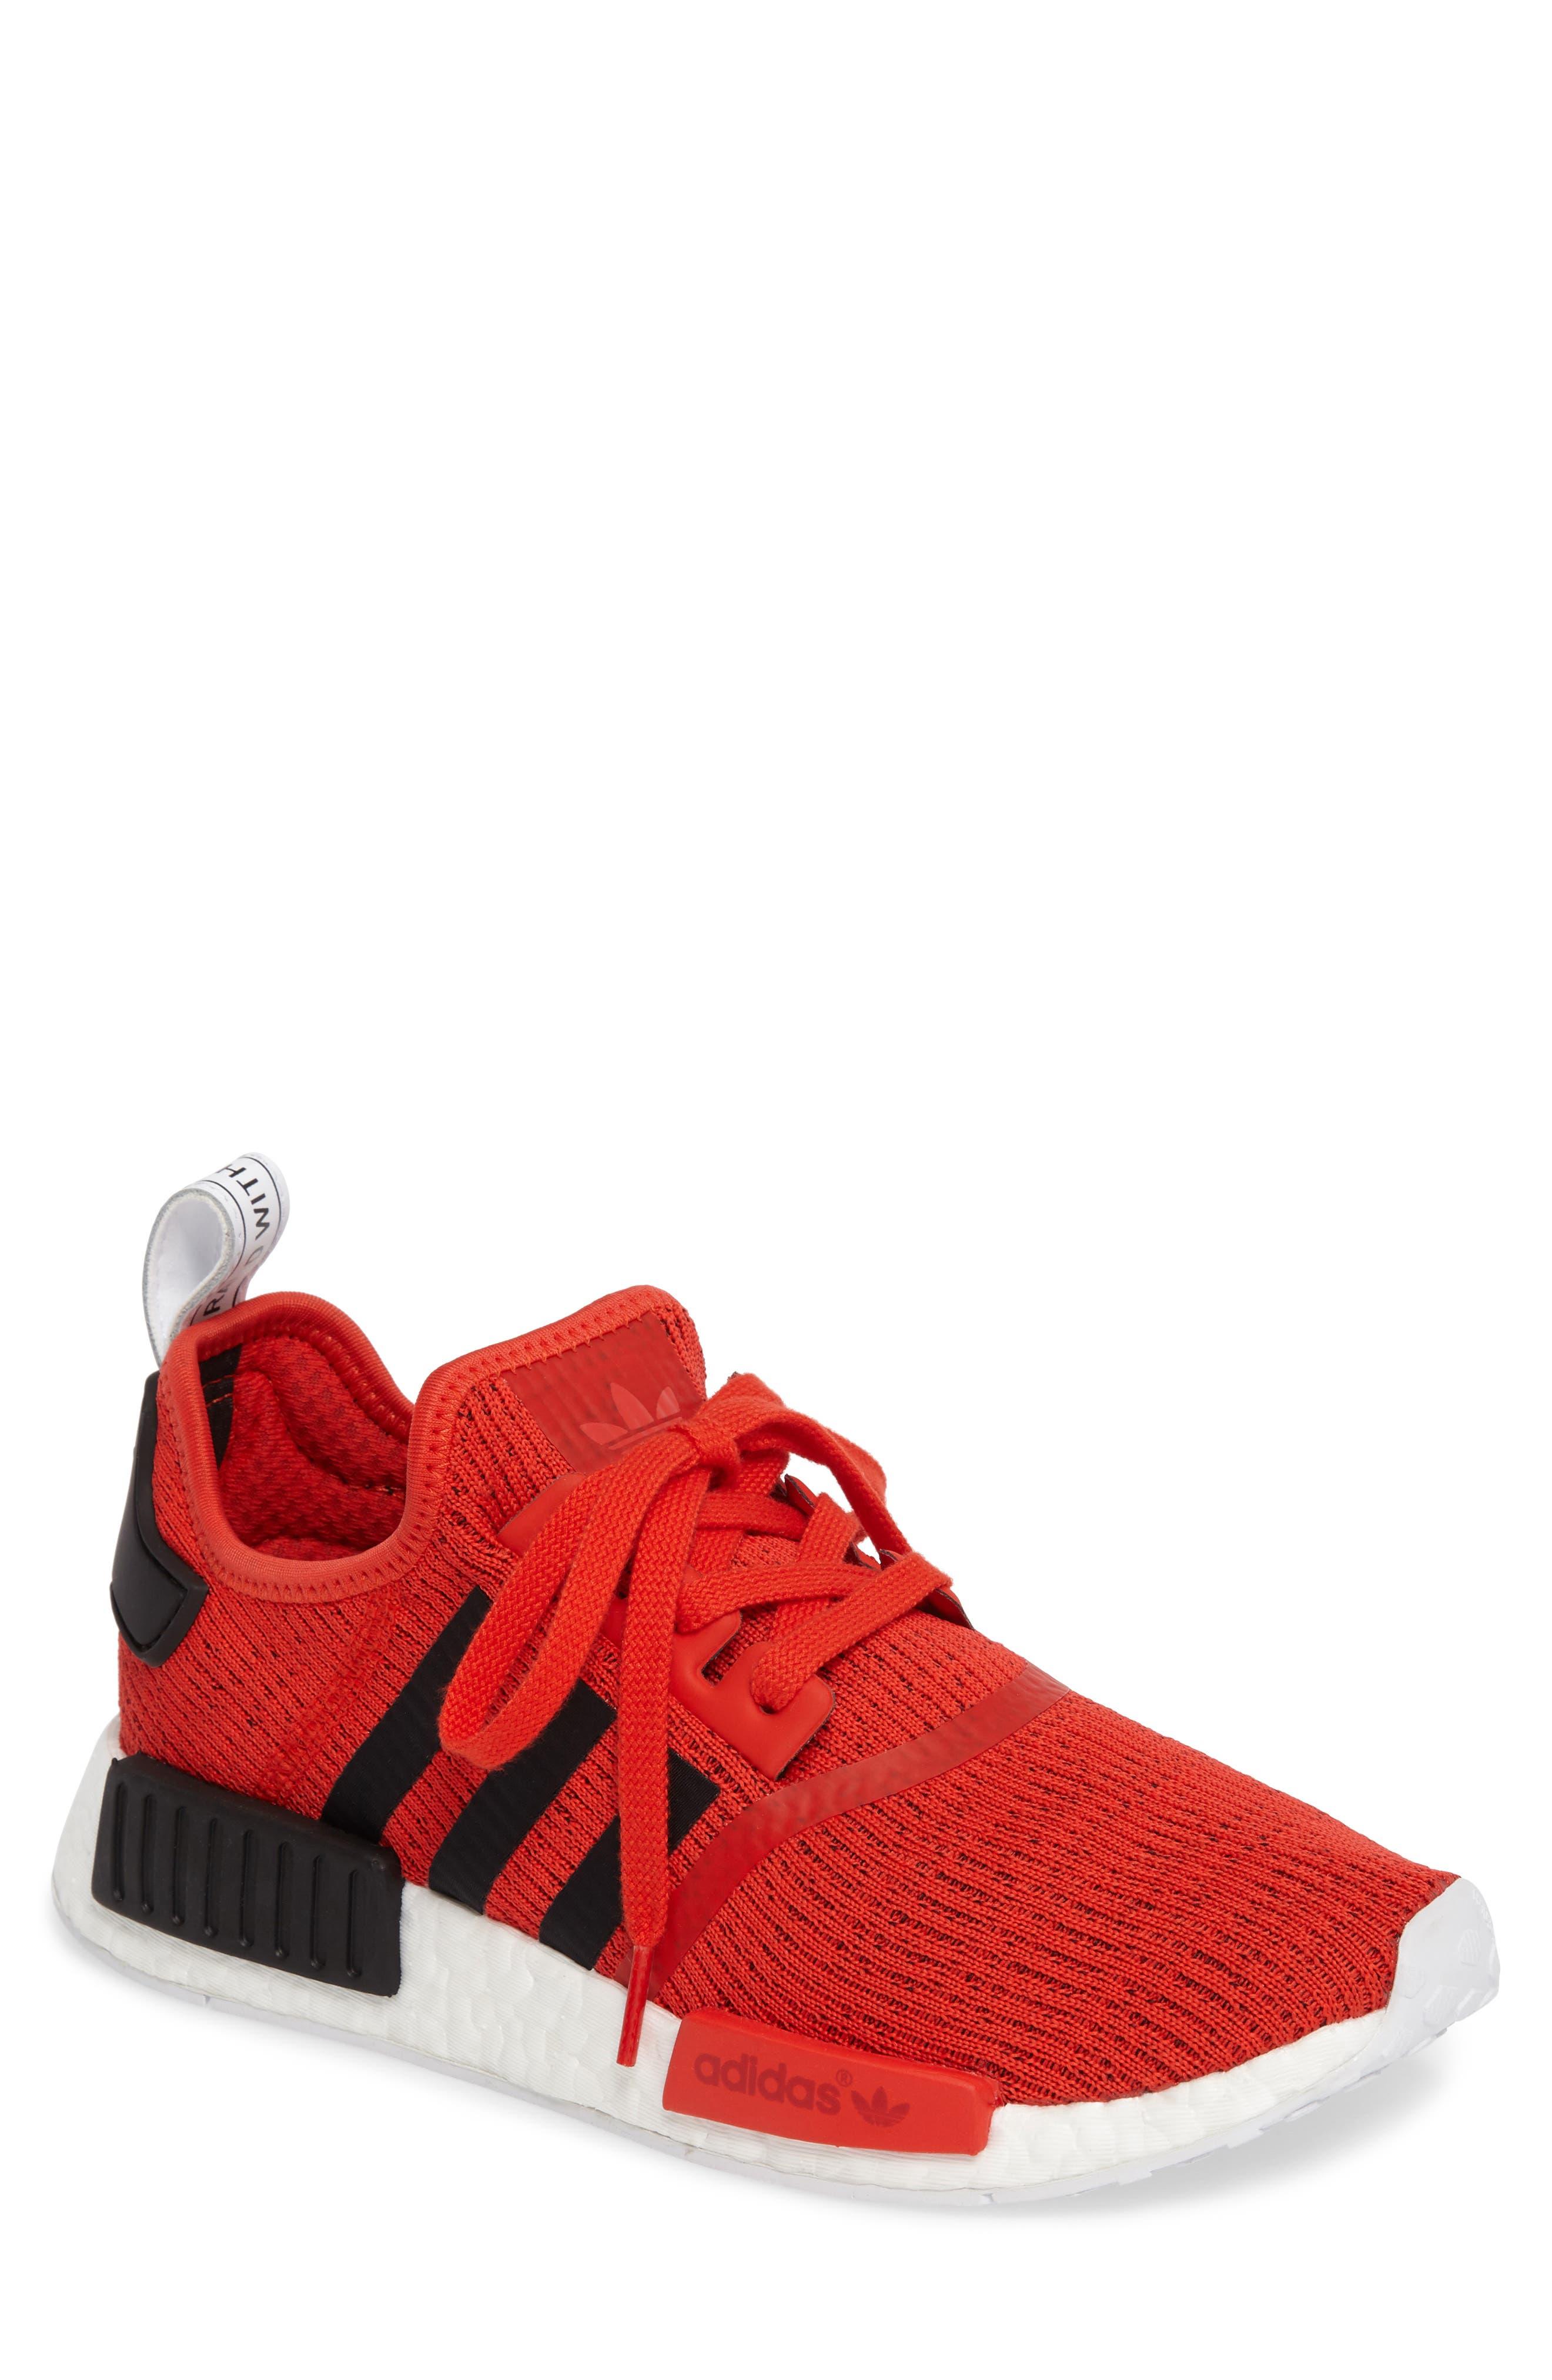 Alternate Image 1 Selected - adidas Originals NMD R1 Sneaker (Men)